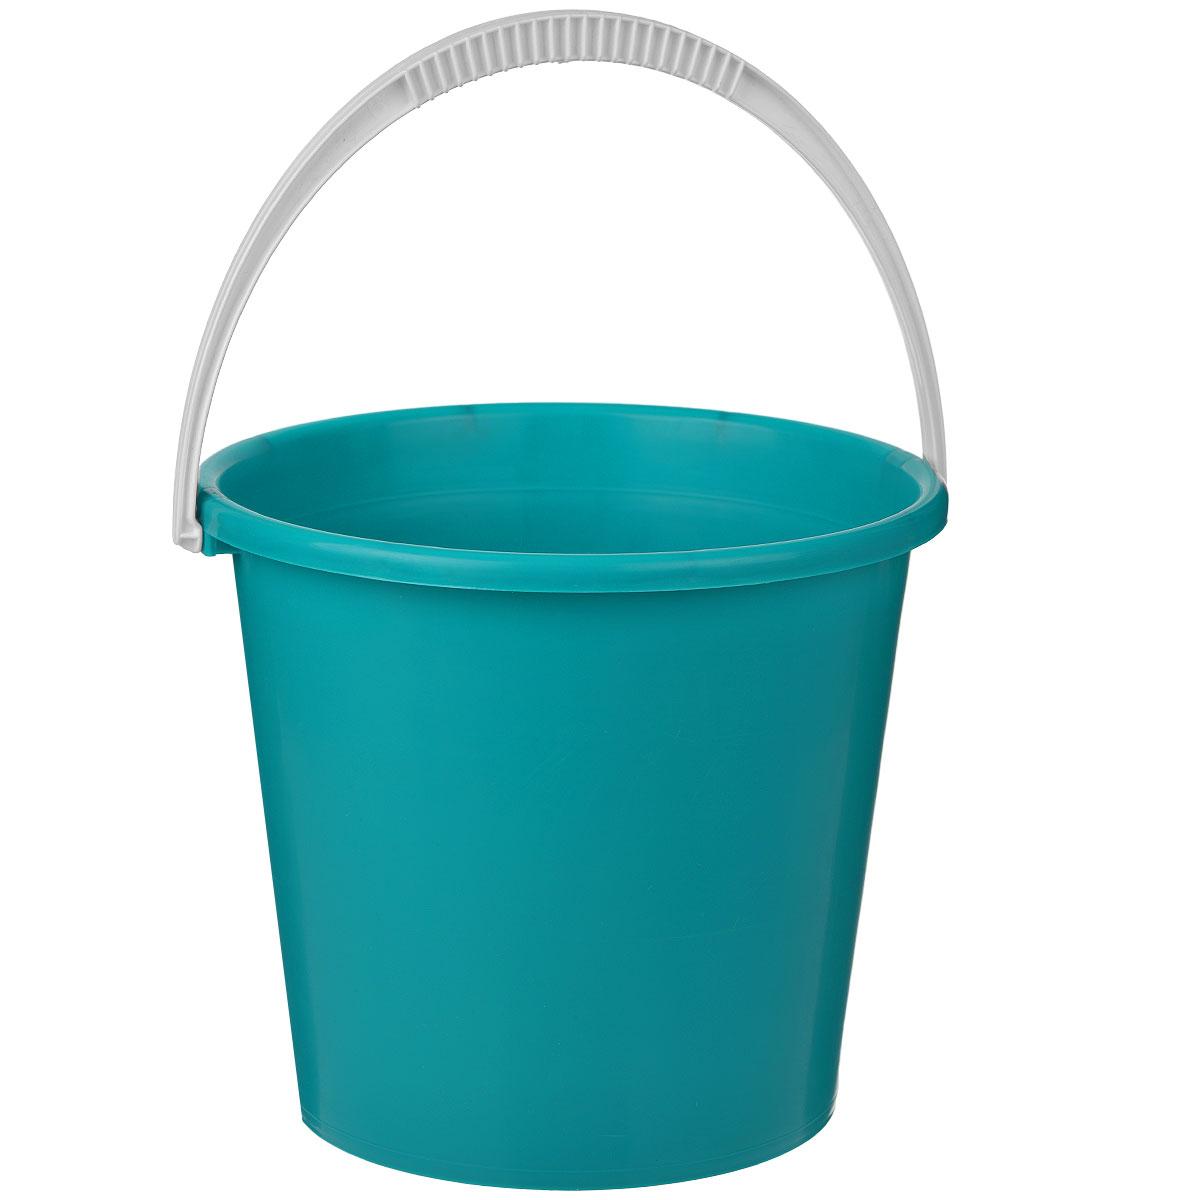 Ведро Альтернатива Крепыш, цвет: бирюзовый, 7 лК342Ведро Альтернатива Крепыш изготовлено из высококачественного одноцветного пластика. Оно легче железного и не подвержено коррозии. Ведро оснащено удобной пластиковой ручкой. Такое ведро станет незаменимым помощником в хозяйстве. Размер: 25 см x 25 см x 22 см.